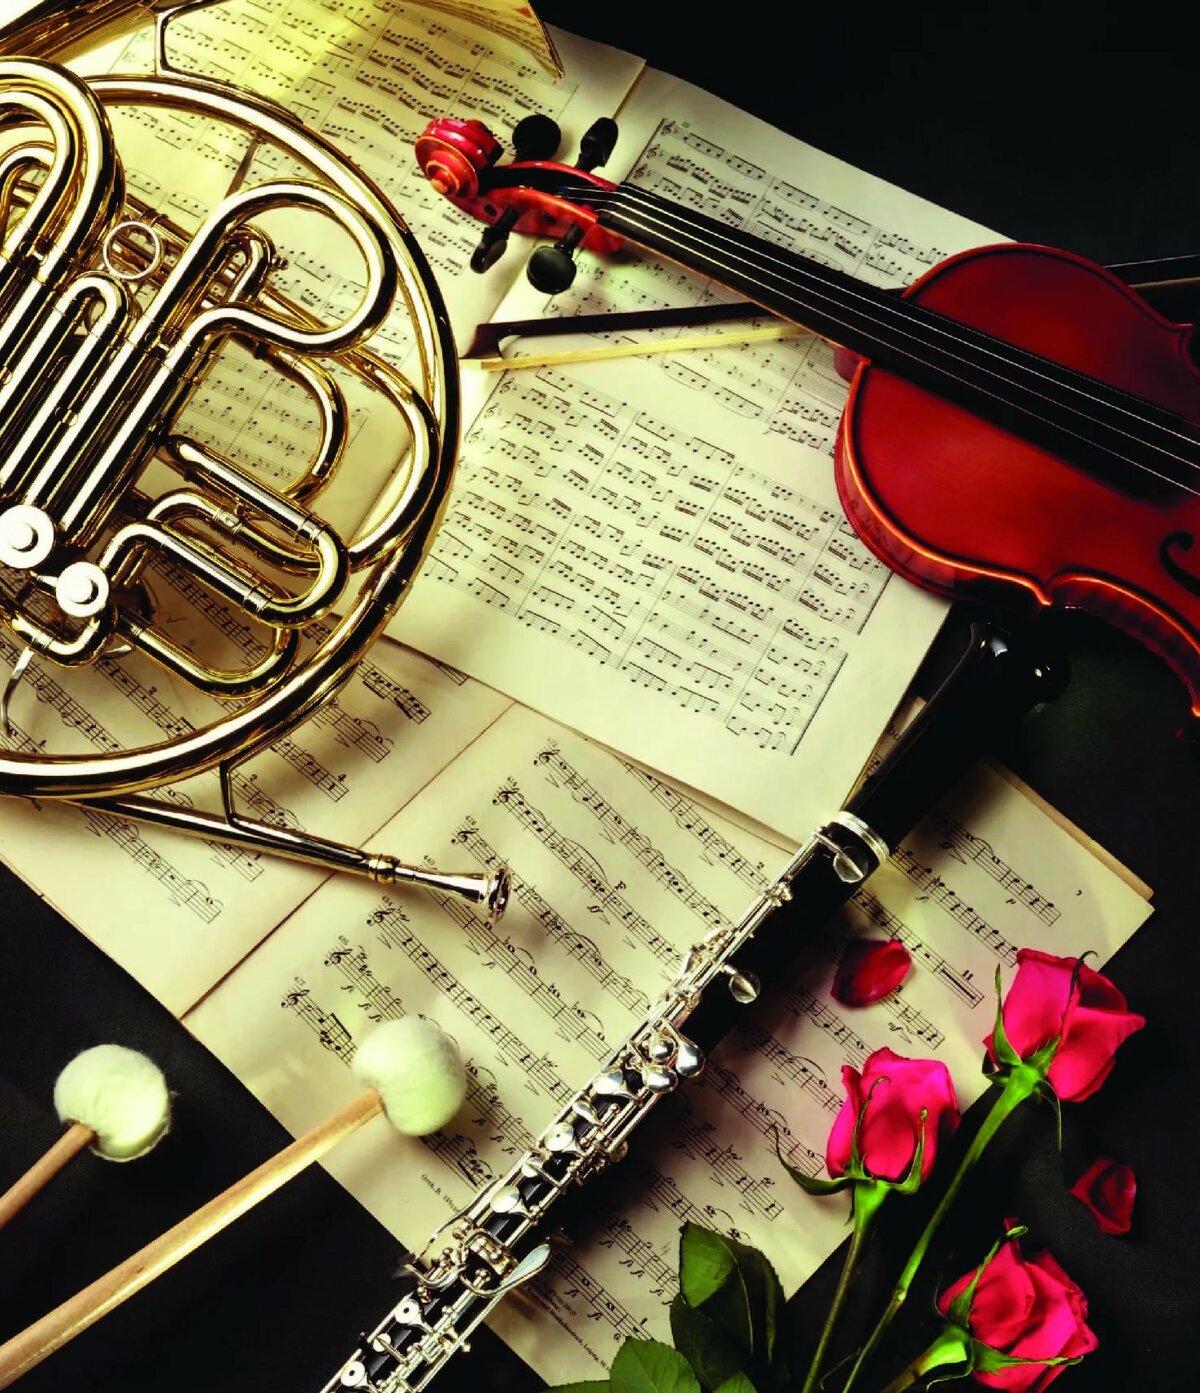 Красивая картинка связанная с музыкой артистом